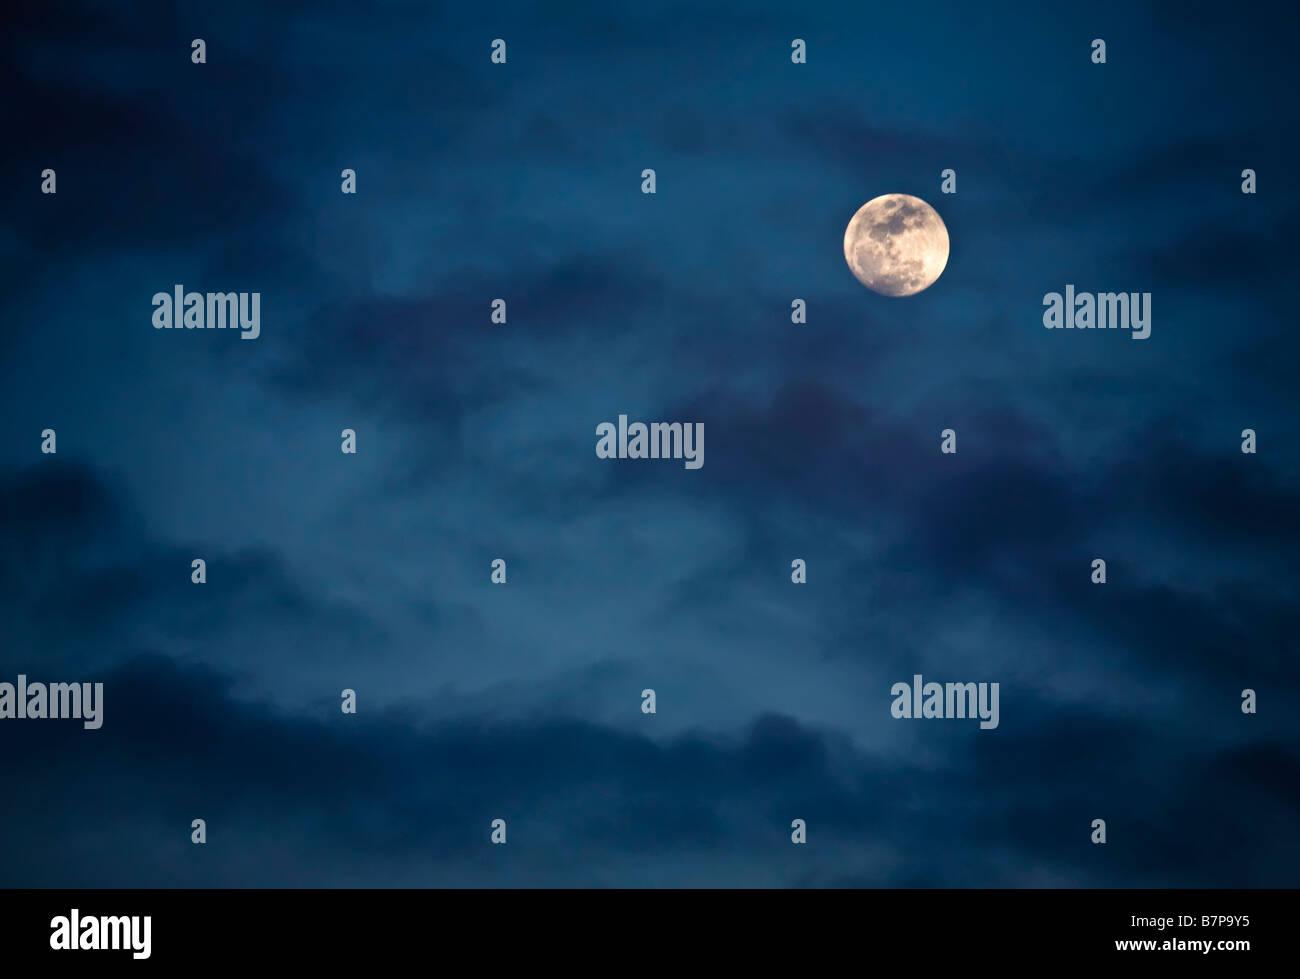 Vu la lune à travers les nuages Photo Stock